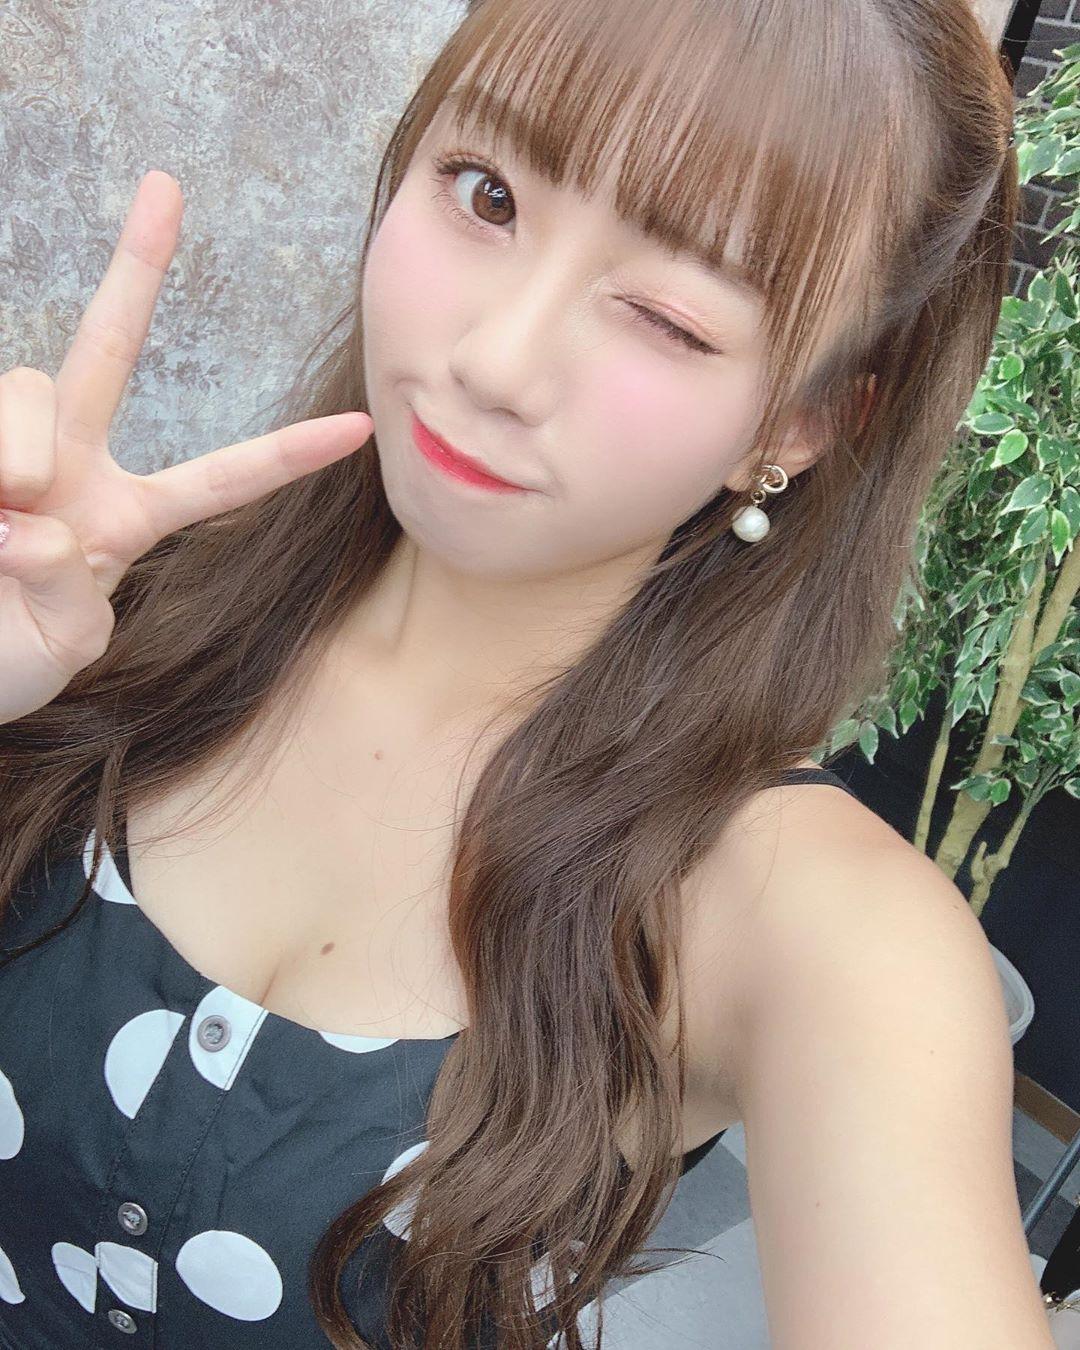 備受矚目的新星  日野麻衣  想和她一起打麻將 - 亞洲美女 -